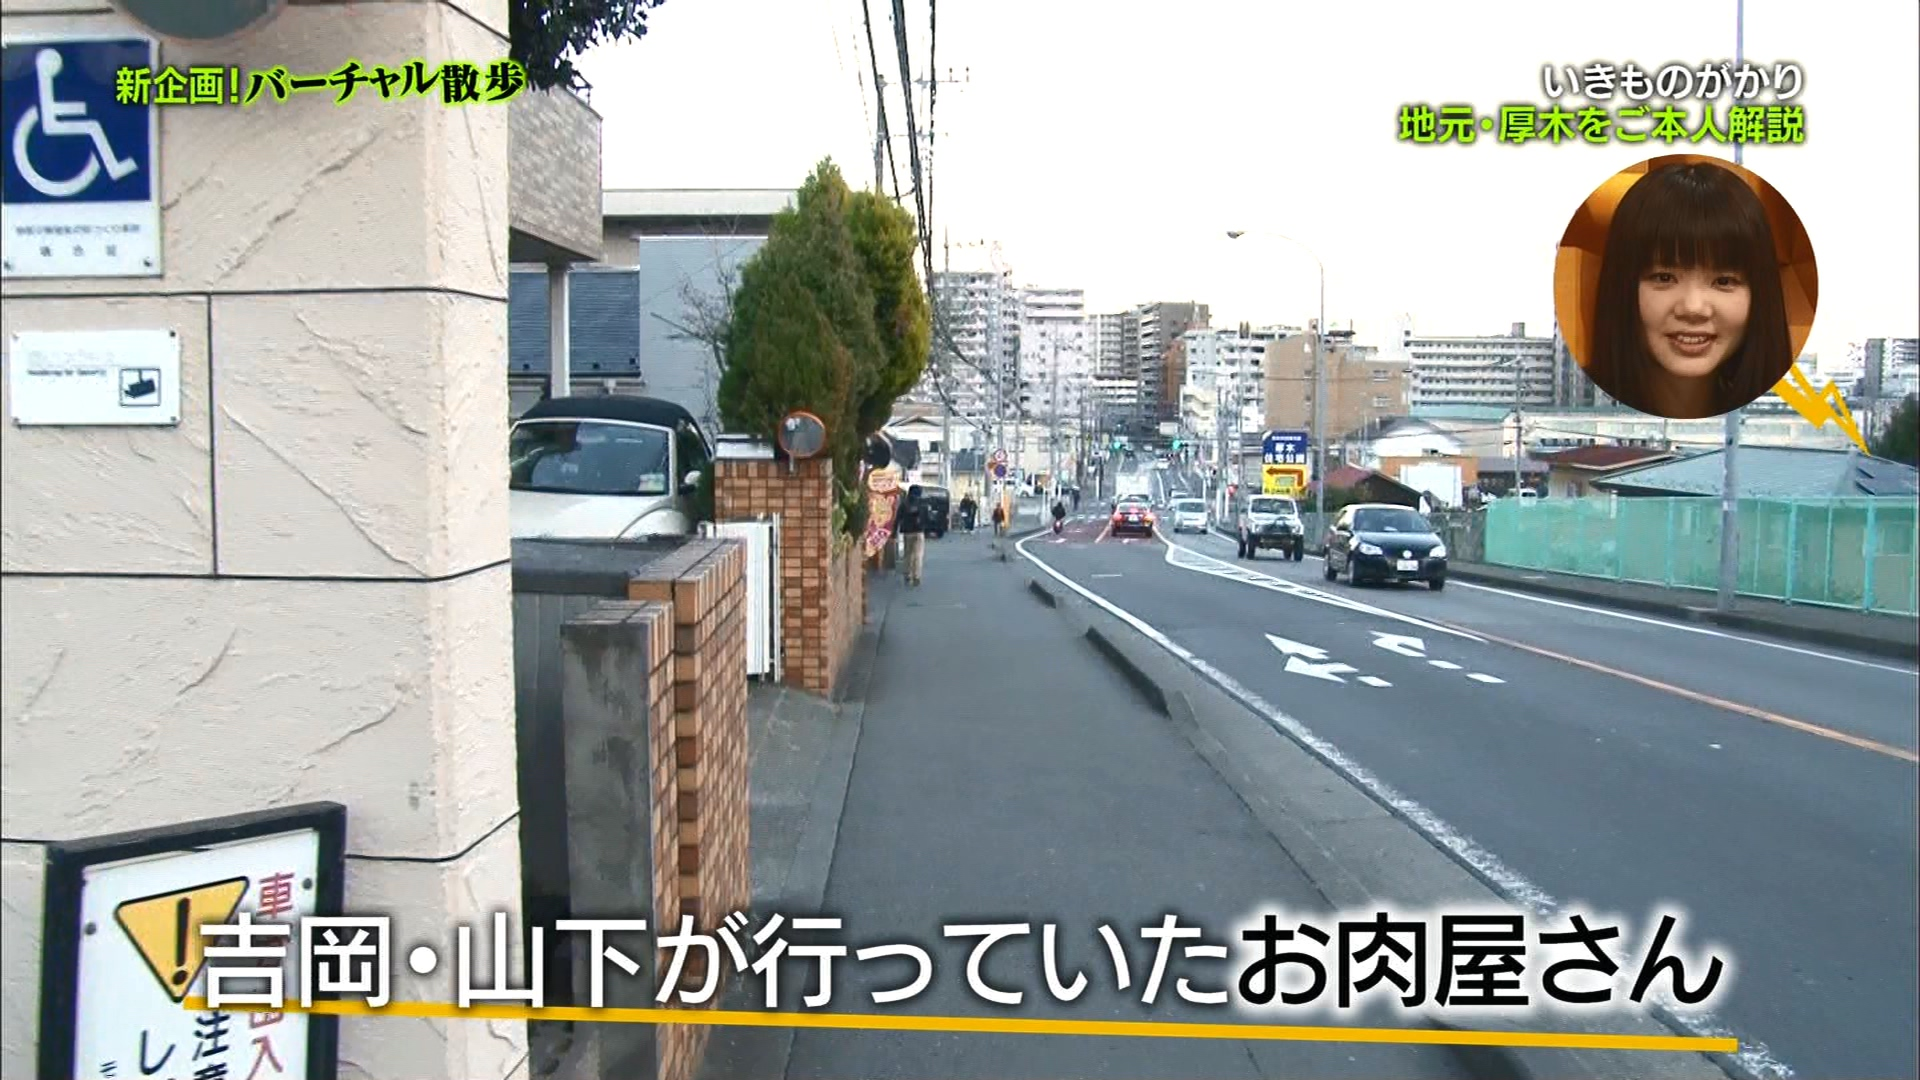 2016.03.11 全場(バズリズム).ts_20160312_014534.572